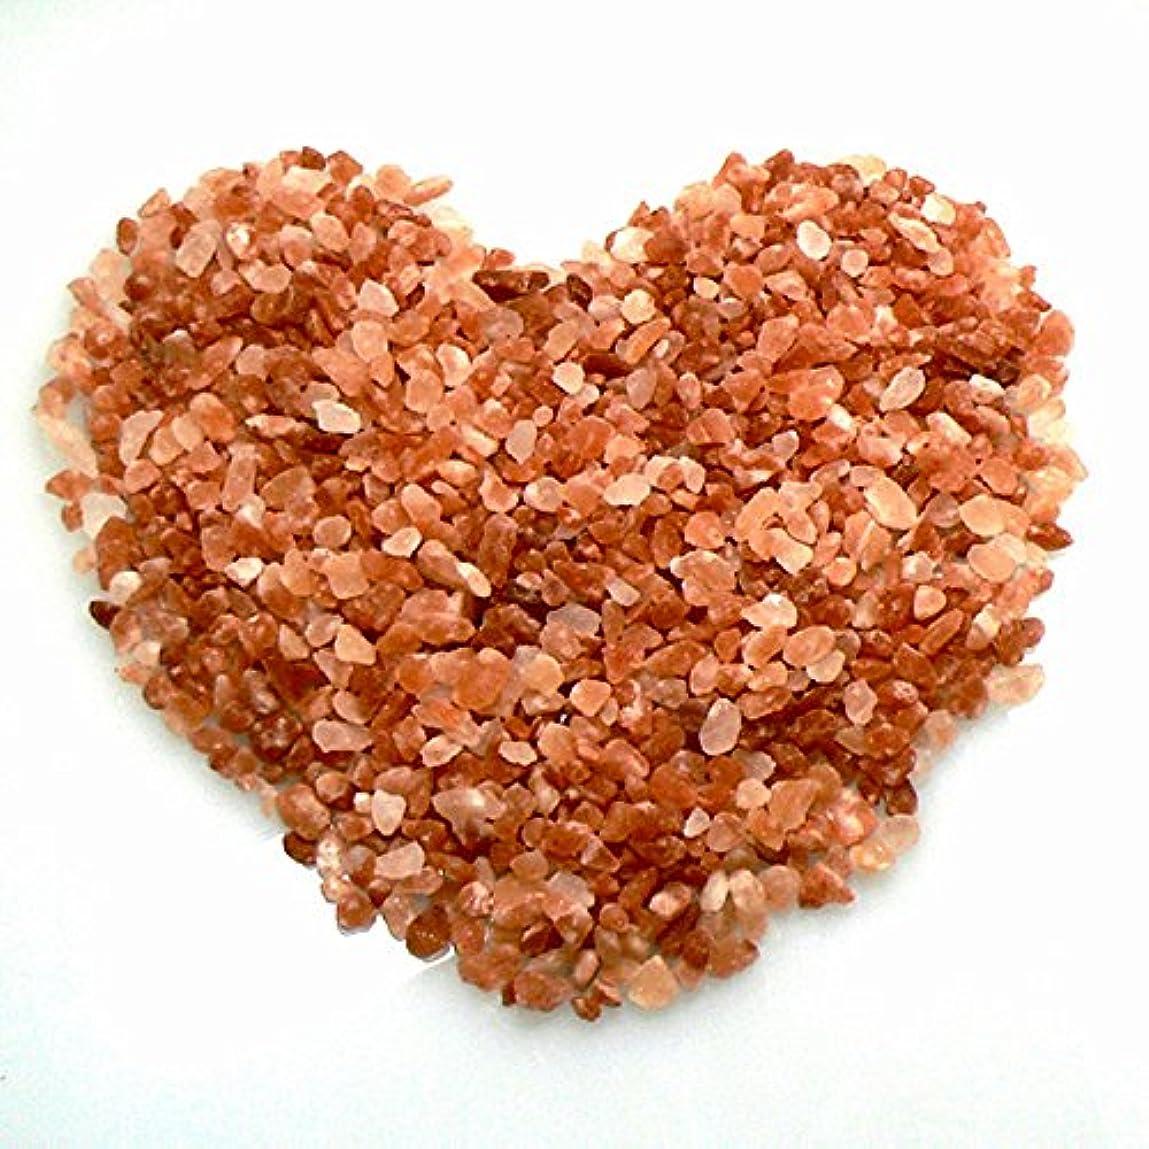 資格情報路地飲食店ヒマラヤ岩塩 ピンクソルト 入浴用 バスソルト(小粒)5kg ピンク岩塩